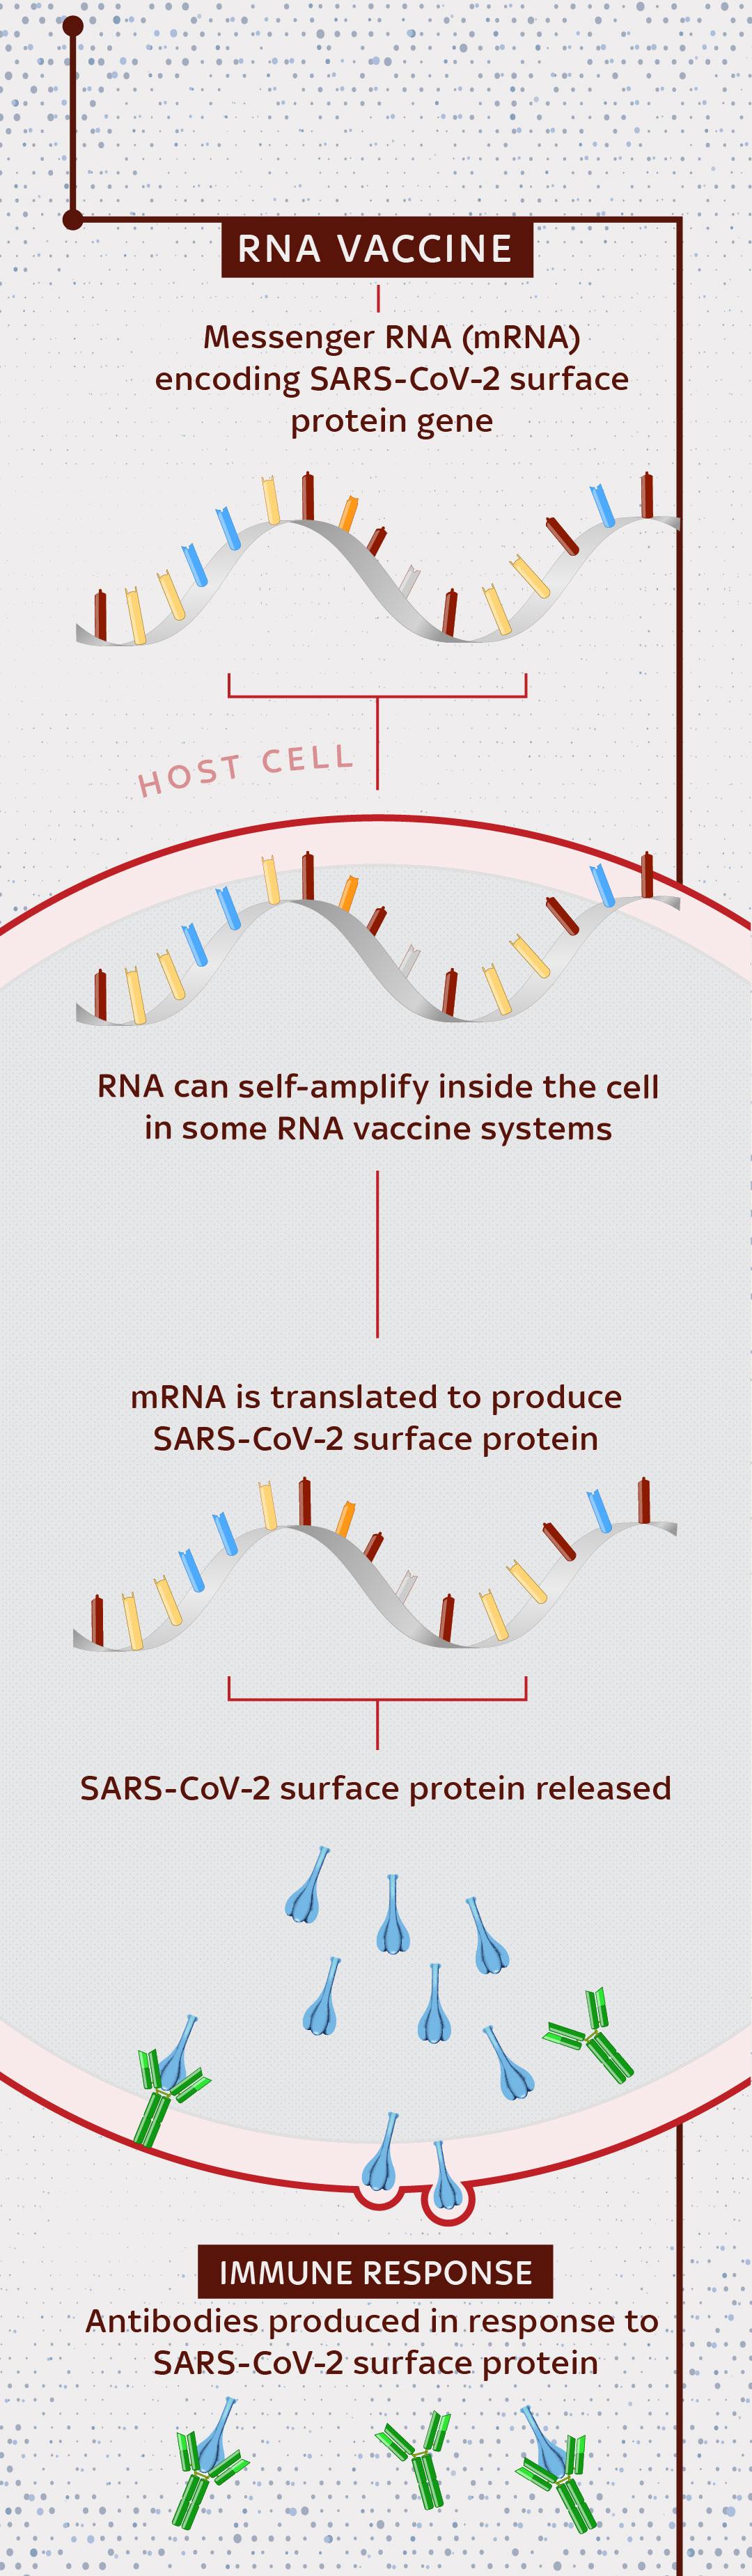 RNA vaccine type